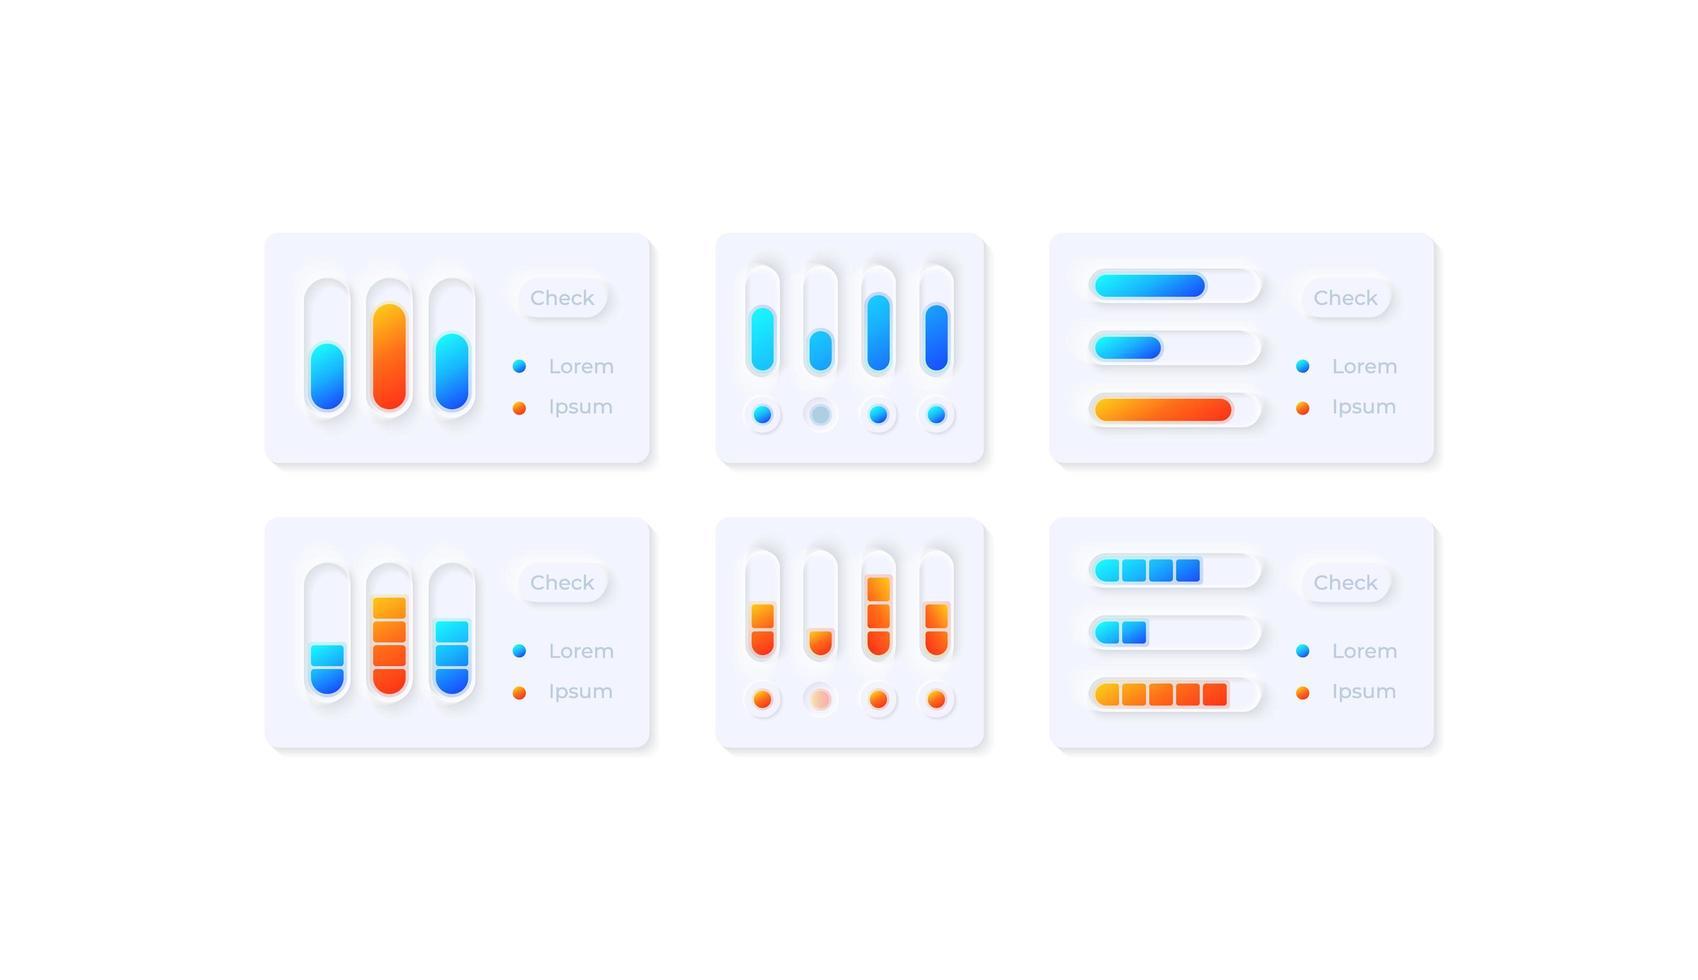 kit d'éléments d'interface utilisateur de paramètres multimédias vecteur